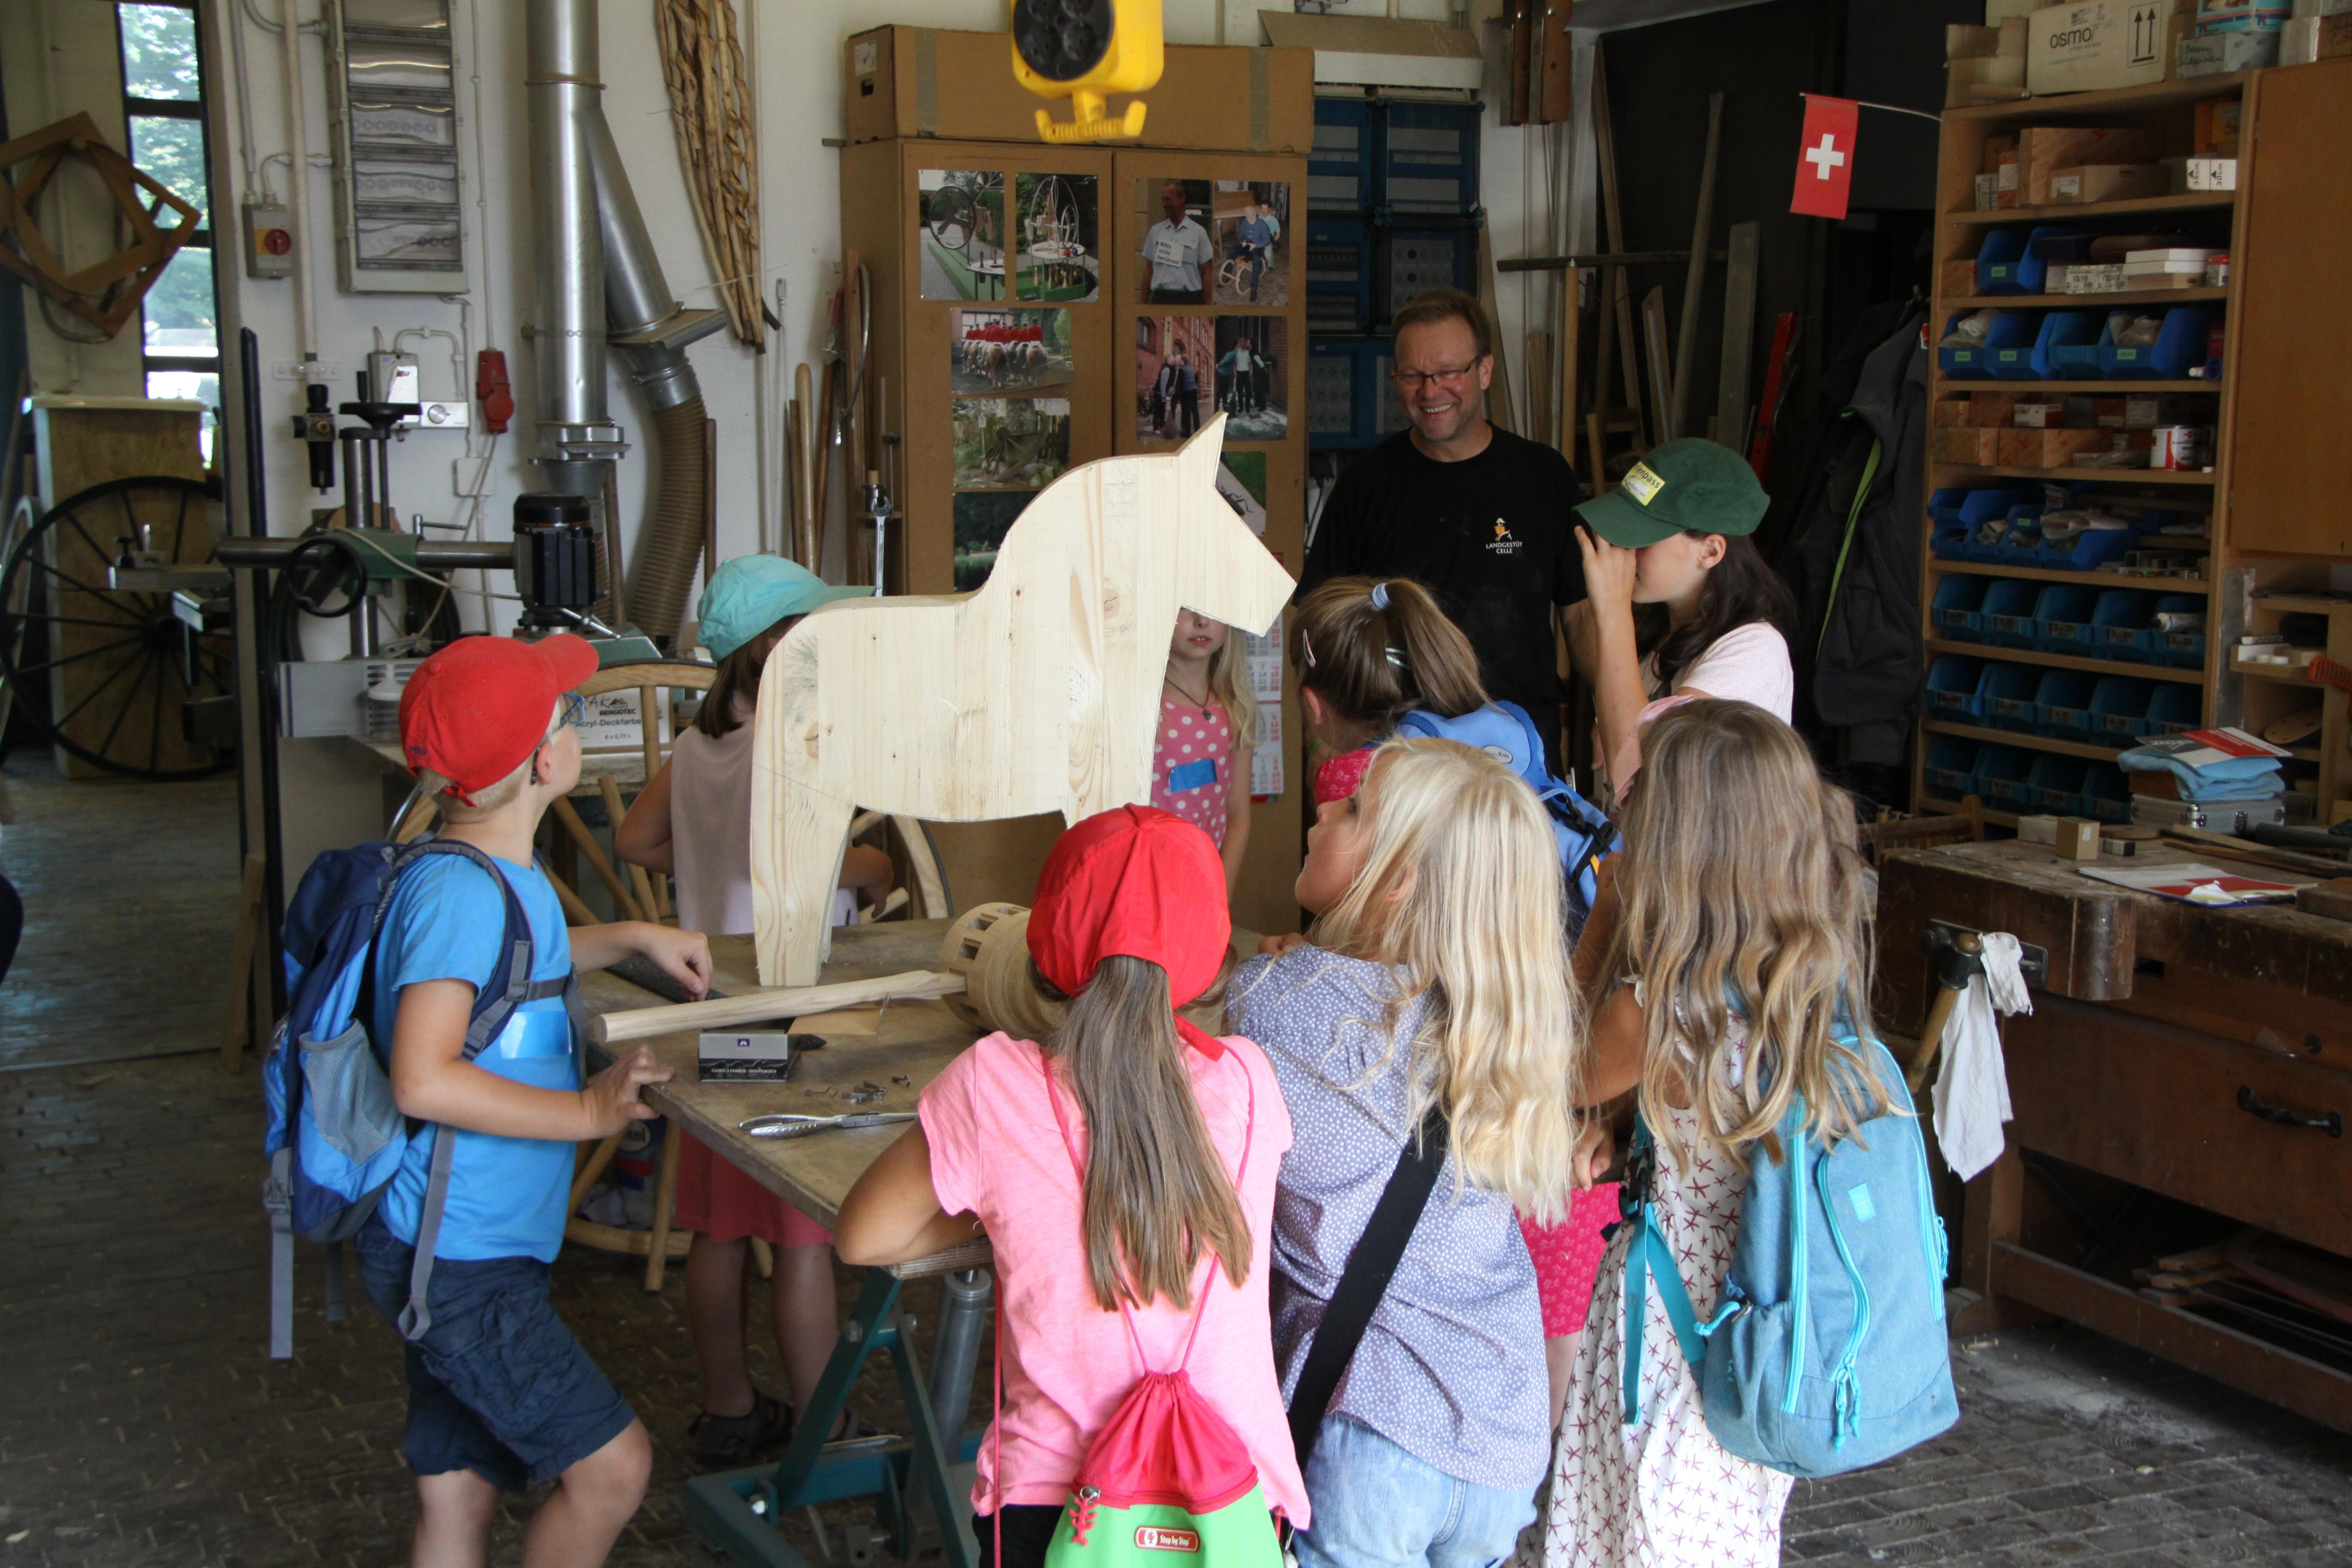 Zwei Ferienpassaktionen Hat Das Landgestut Celle In Diesem Jahr Angeboten Rund 40 Kinder Haben Sich Insgesamt Angemeldet Und Sind Die Pferdewelt